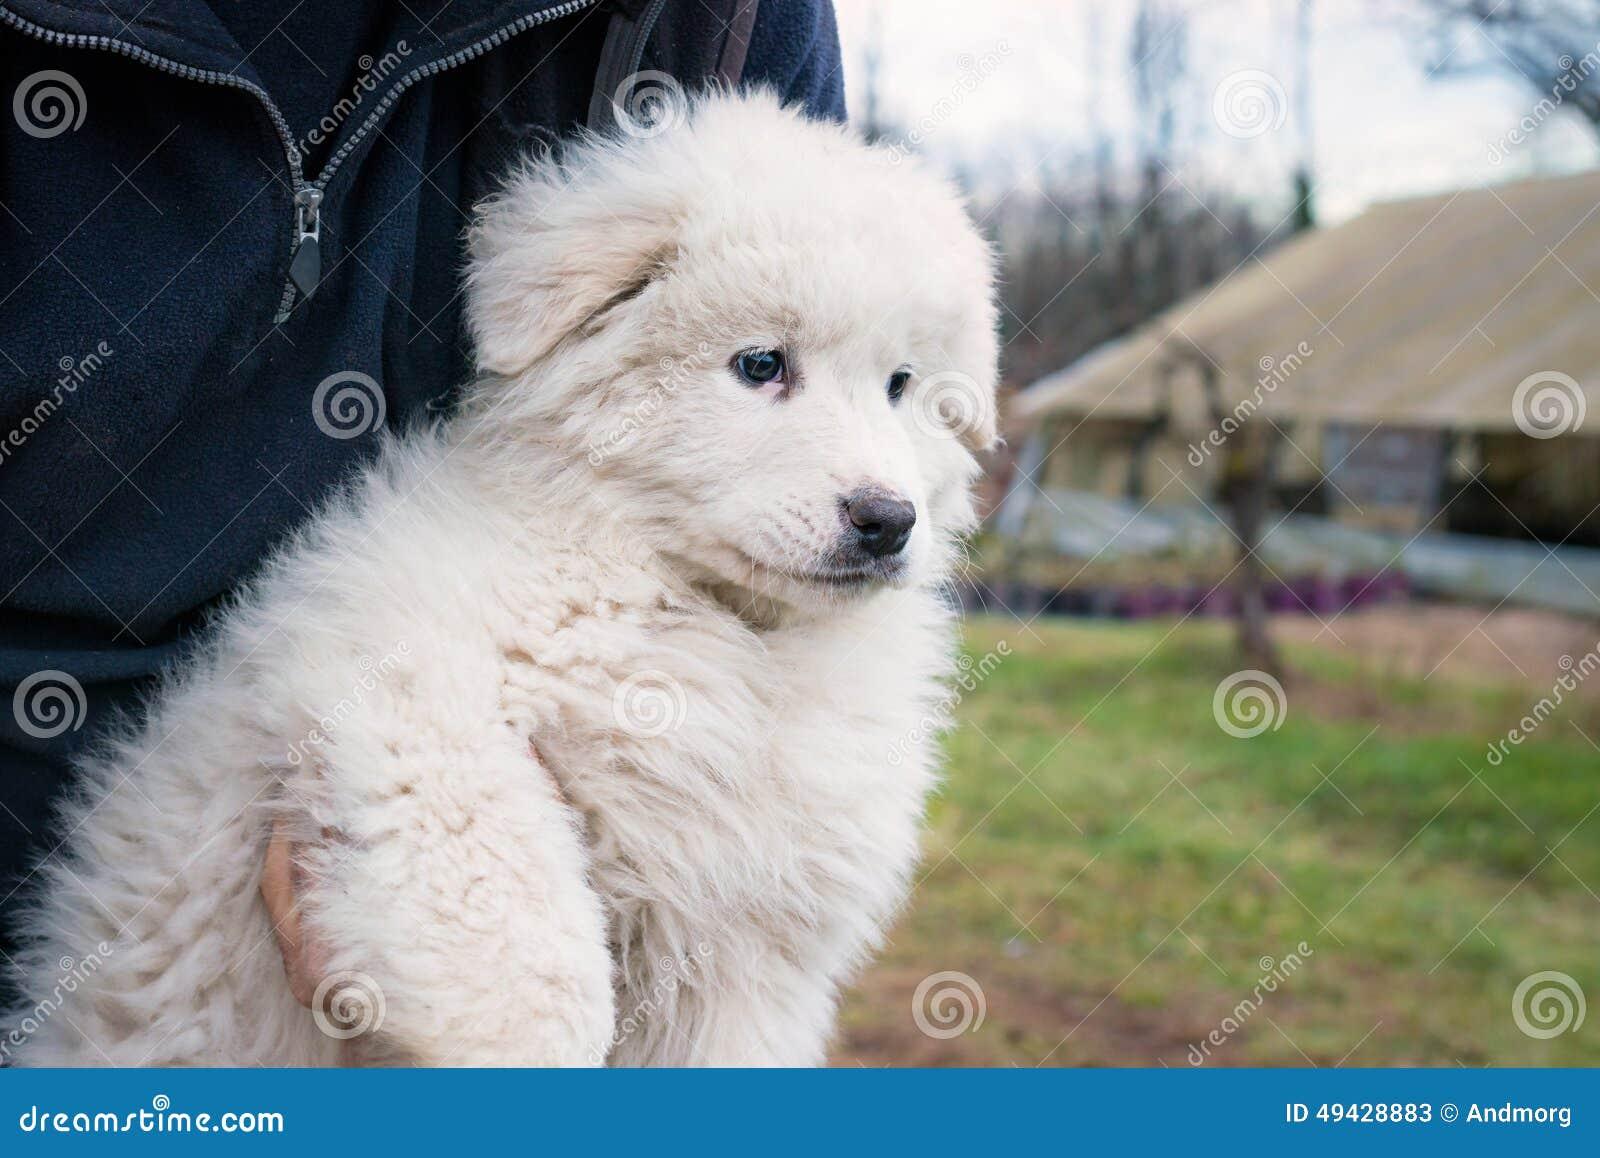 Maremma Sheepdog Puppy Stock Image Image Of Outdoors